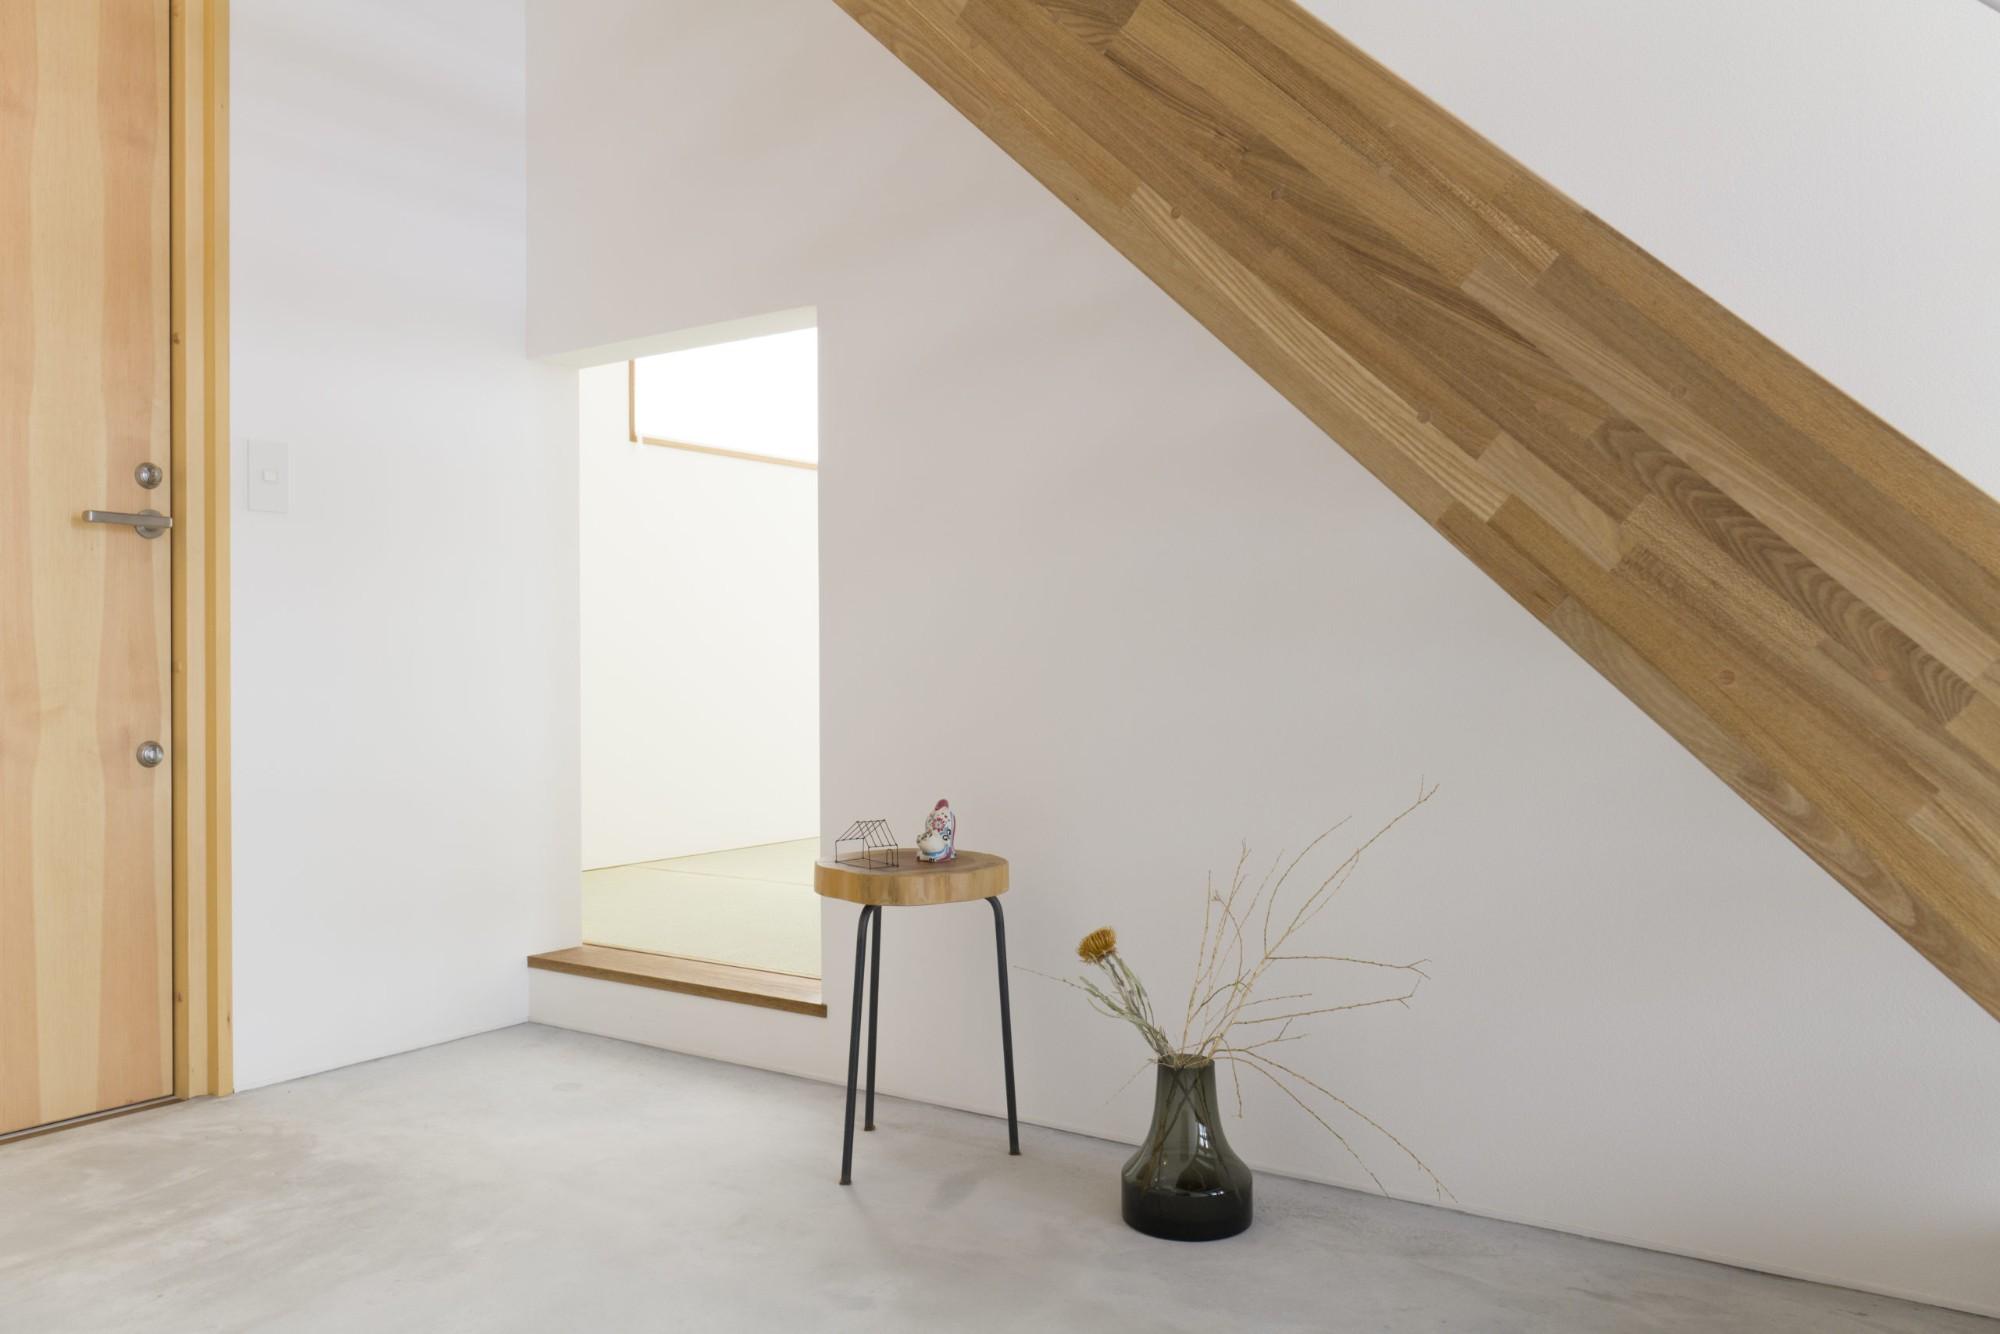 あかがわ建築設計室「悠遠の家」のシンプル・ナチュラル・自然素材な玄関の実例写真